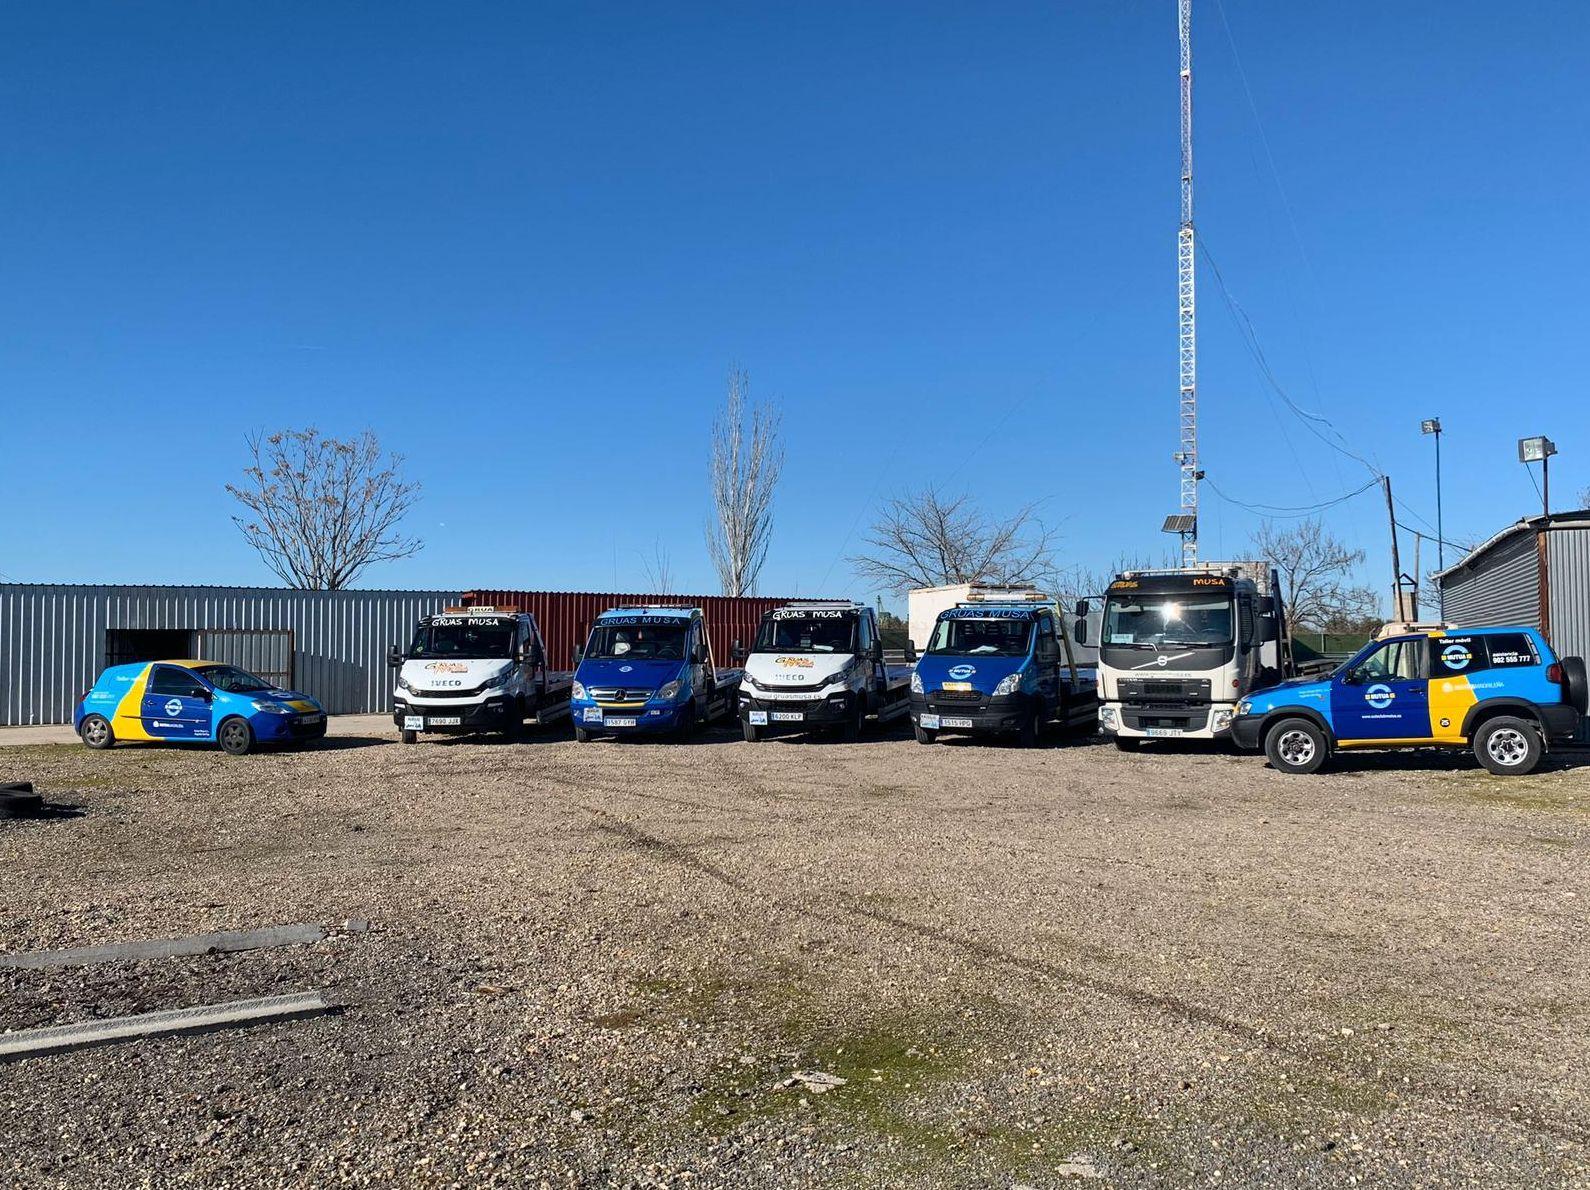 Servicios a furgones sobredimensionados